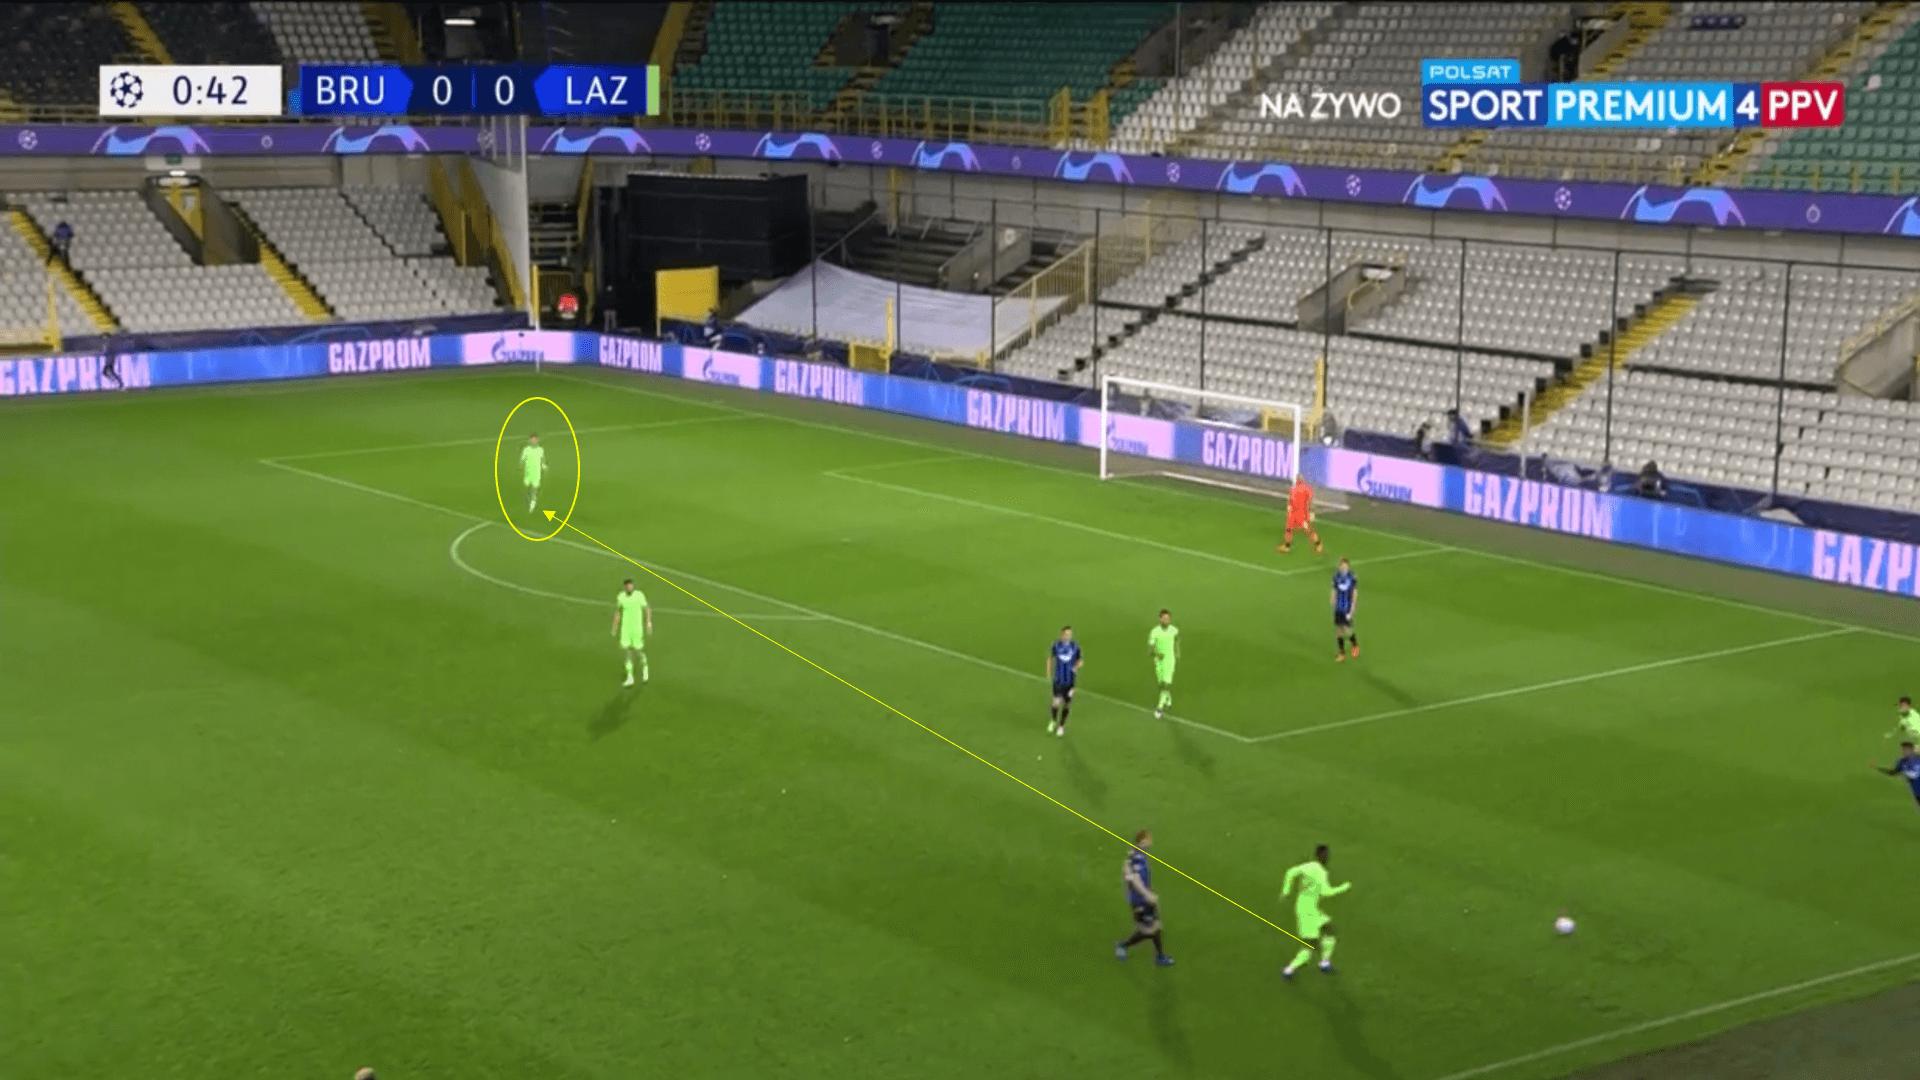 UEFA Champions League 2020/21 - Club Brugge v Lazio - Tactical Analysis Tactics